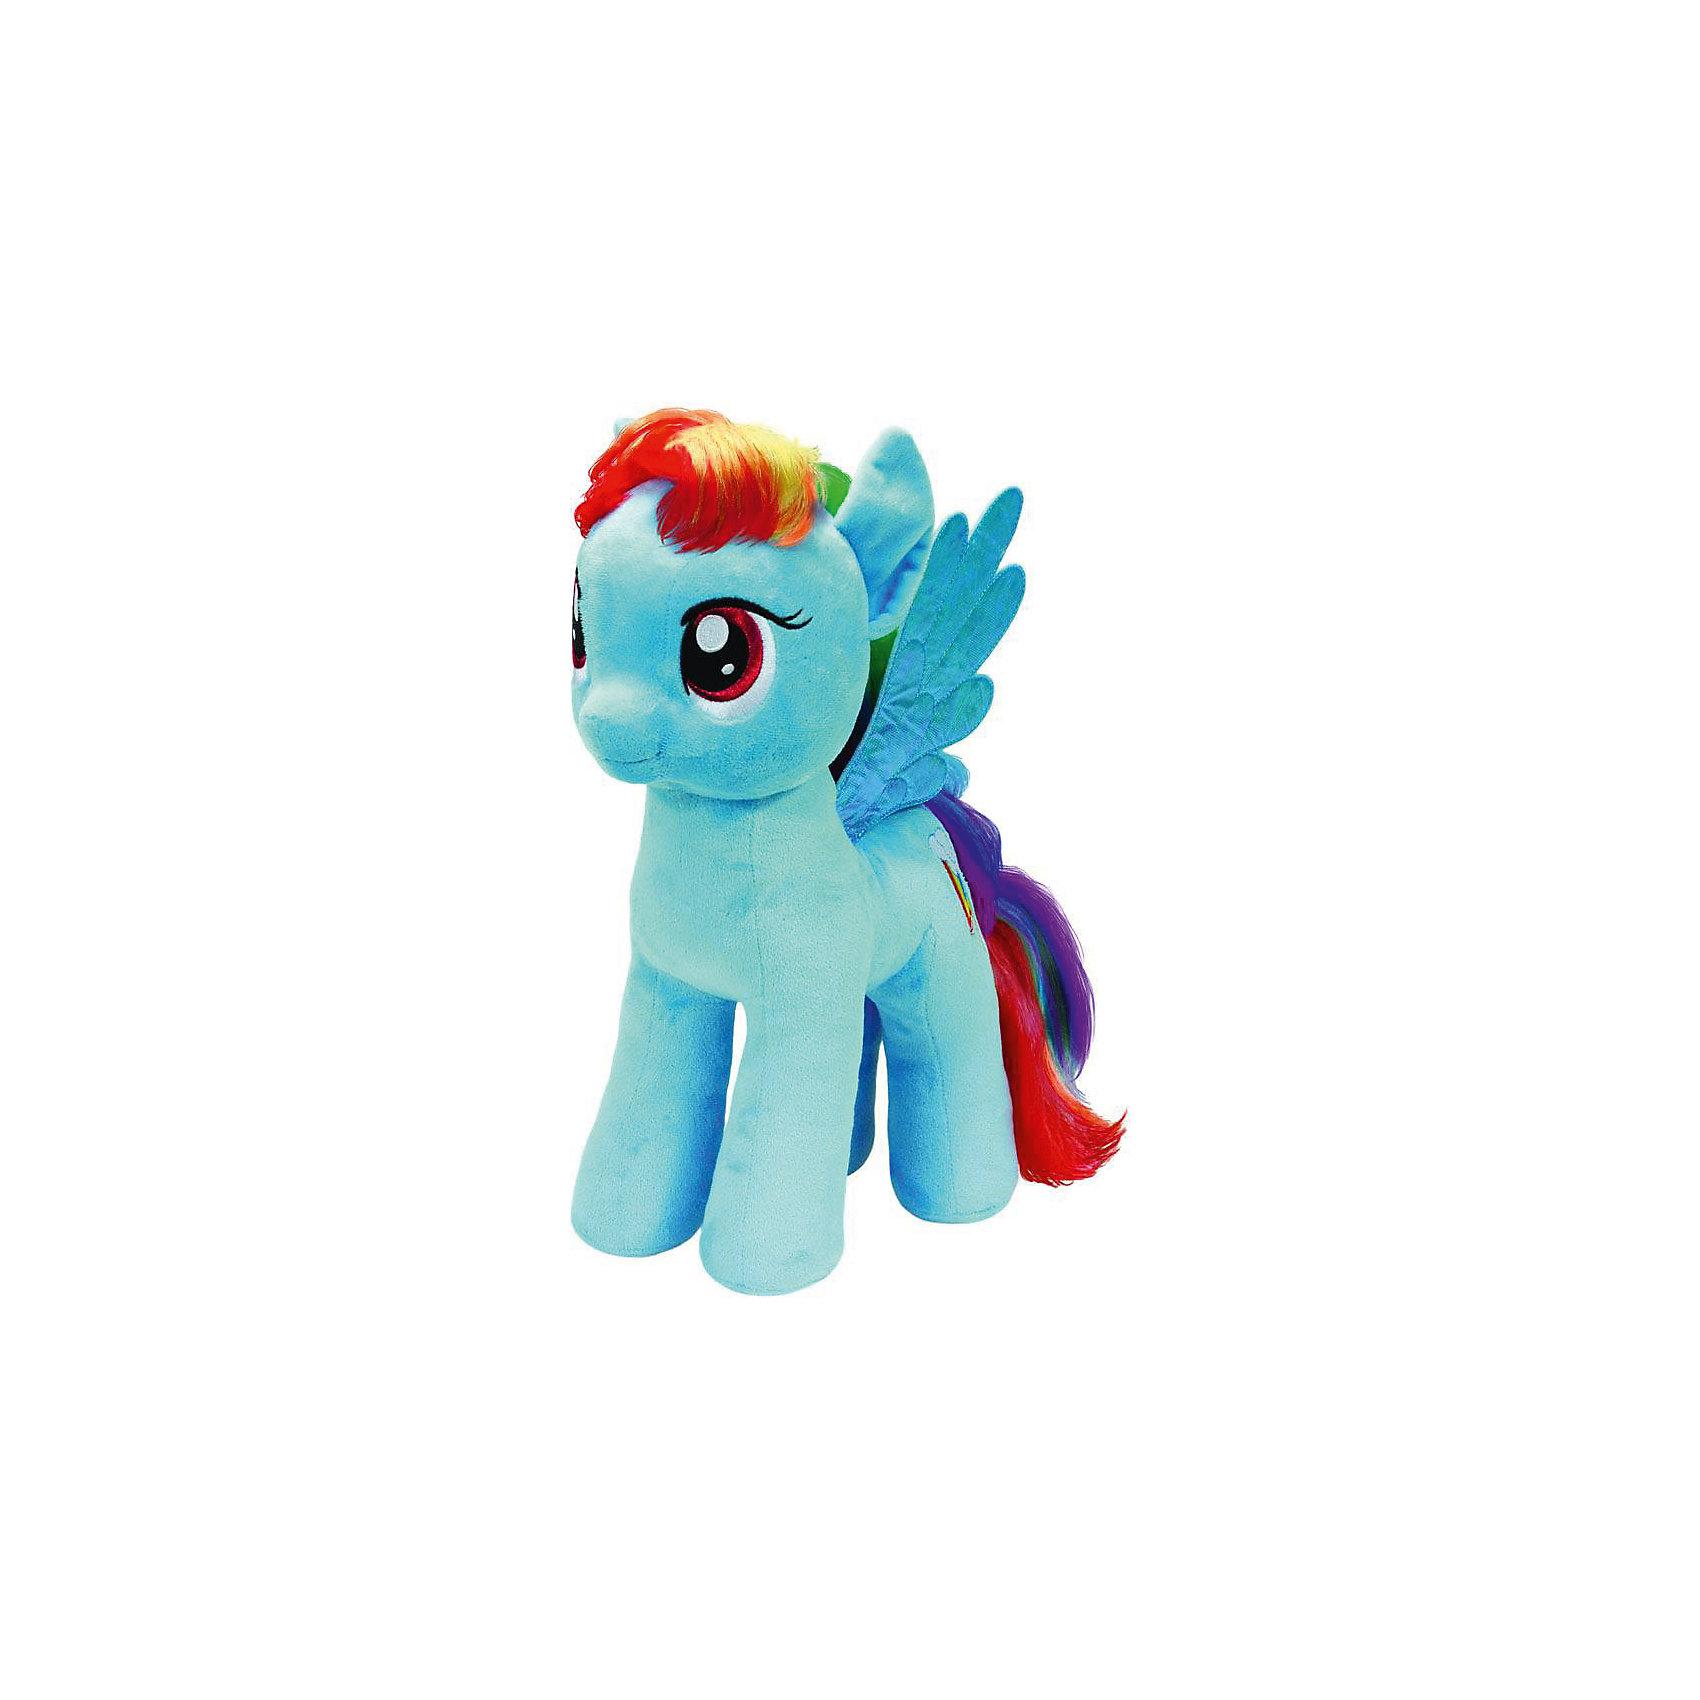 Пони Радуга Дэш, 51 см,  My little PonyМягкая игрушка Пони Радуга Дэш, My little Pony порадует всех юных поклонниц волшебных лошадок из популярного мультсериала Моя маленькая Пони: Дружба -это чудо ( My Little Pony: Friendship IsMagic). Пони Радуга Дэш (Rainbow Dash) - быстрая, ловкая и умелая лошадка-пегас с взъерошенной радужной гривой и хвостом, в Понивилле она выполняет ответственную работу: очищает небо, разгоняя облака. <br><br>Внешний вид игрушки полностью соответствует своей героине из мультфильма. У лошадки мягкая, приятная на ощупь голубая шерстка, радужные грива и хвост и голубые крылышки. Глазки и знак отличия - радуга с облаком искусно вышиты. Игрушка выполнена из качественных, безопасных для детей материалов.<br><br>Дополнительная информация:<br><br>- Материал: искусственный мех, синтепон.<br>- Размер игрушки: 51 см.<br>- Размер упаковки: 40 x 25 x 51 см.<br>- Вес: 0,3 кг.<br><br>Мягкую игрушку Пони Радуга Дэш, My little Pony (Май литл Пони) можно купить в нашем интернет-магазине.<br><br>Ширина мм: 400<br>Глубина мм: 250<br>Высота мм: 510<br>Вес г: 300<br>Возраст от месяцев: 24<br>Возраст до месяцев: 120<br>Пол: Женский<br>Возраст: Детский<br>SKU: 3833925